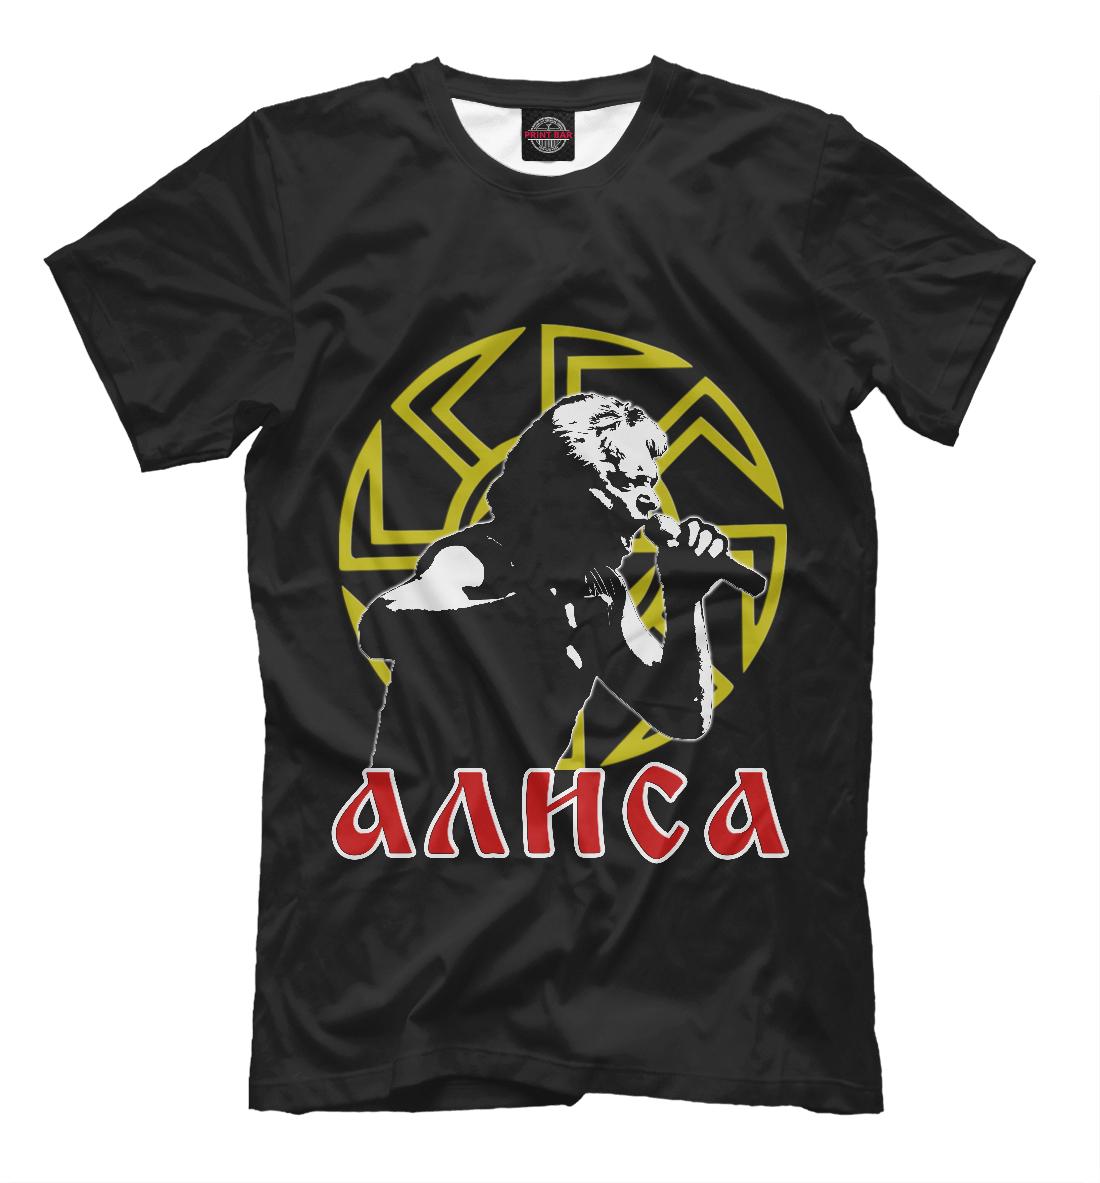 Алиса (Константин Кинчев) printio футболка классическая алиса 35 моя светлая русь кинчев